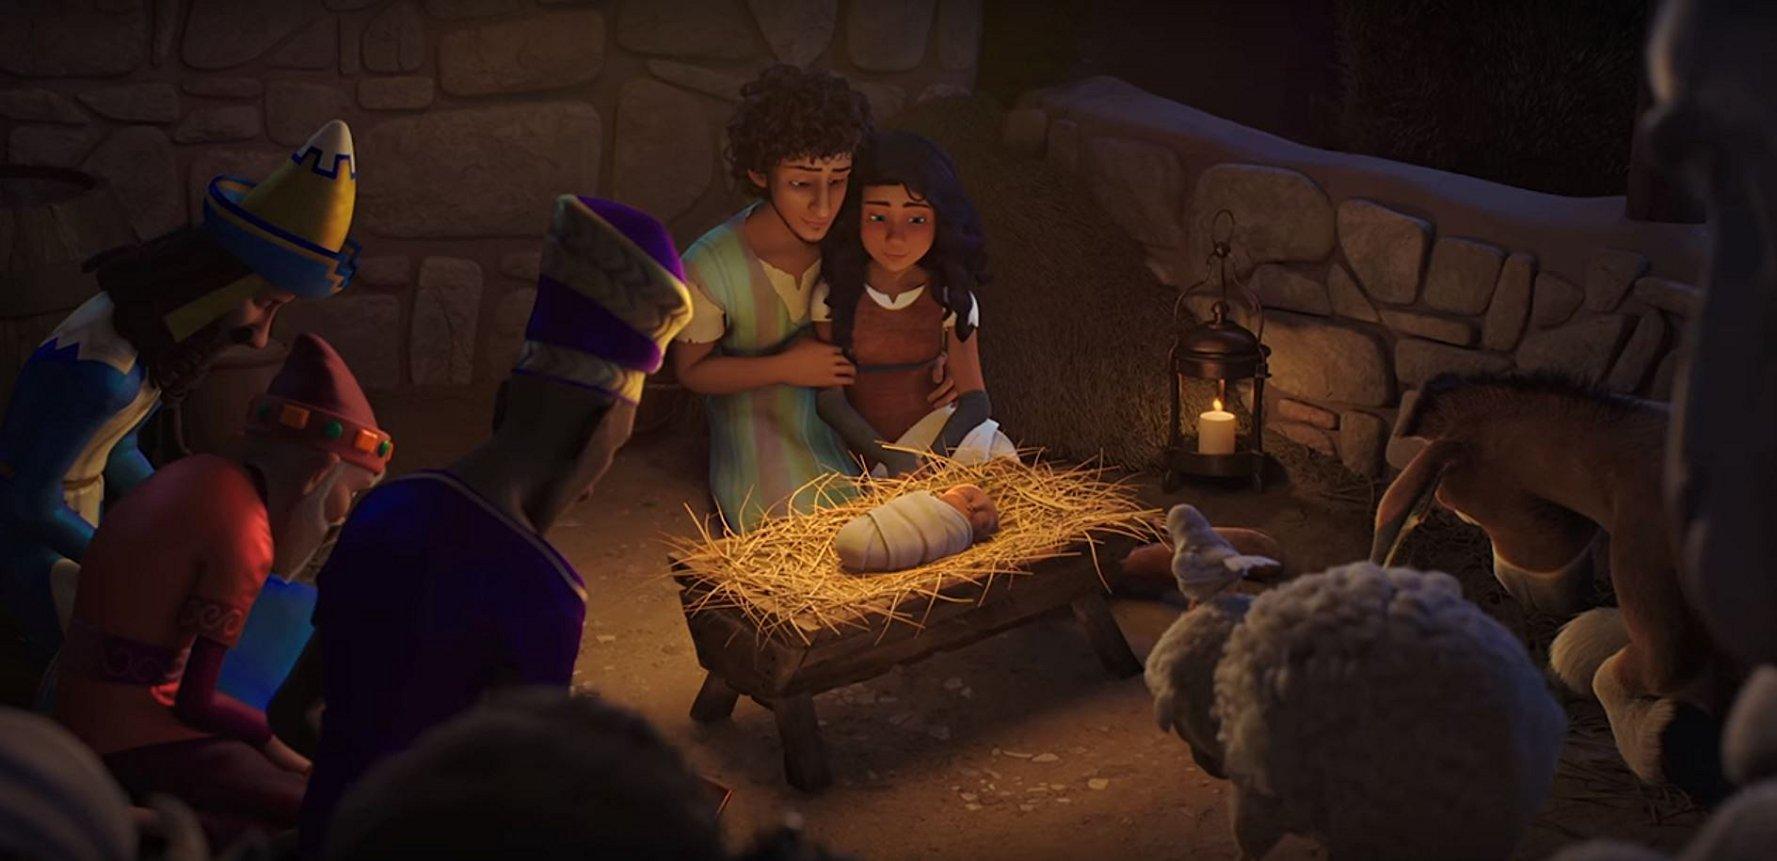 예수님의 탄생-크리스마스의 영웅들